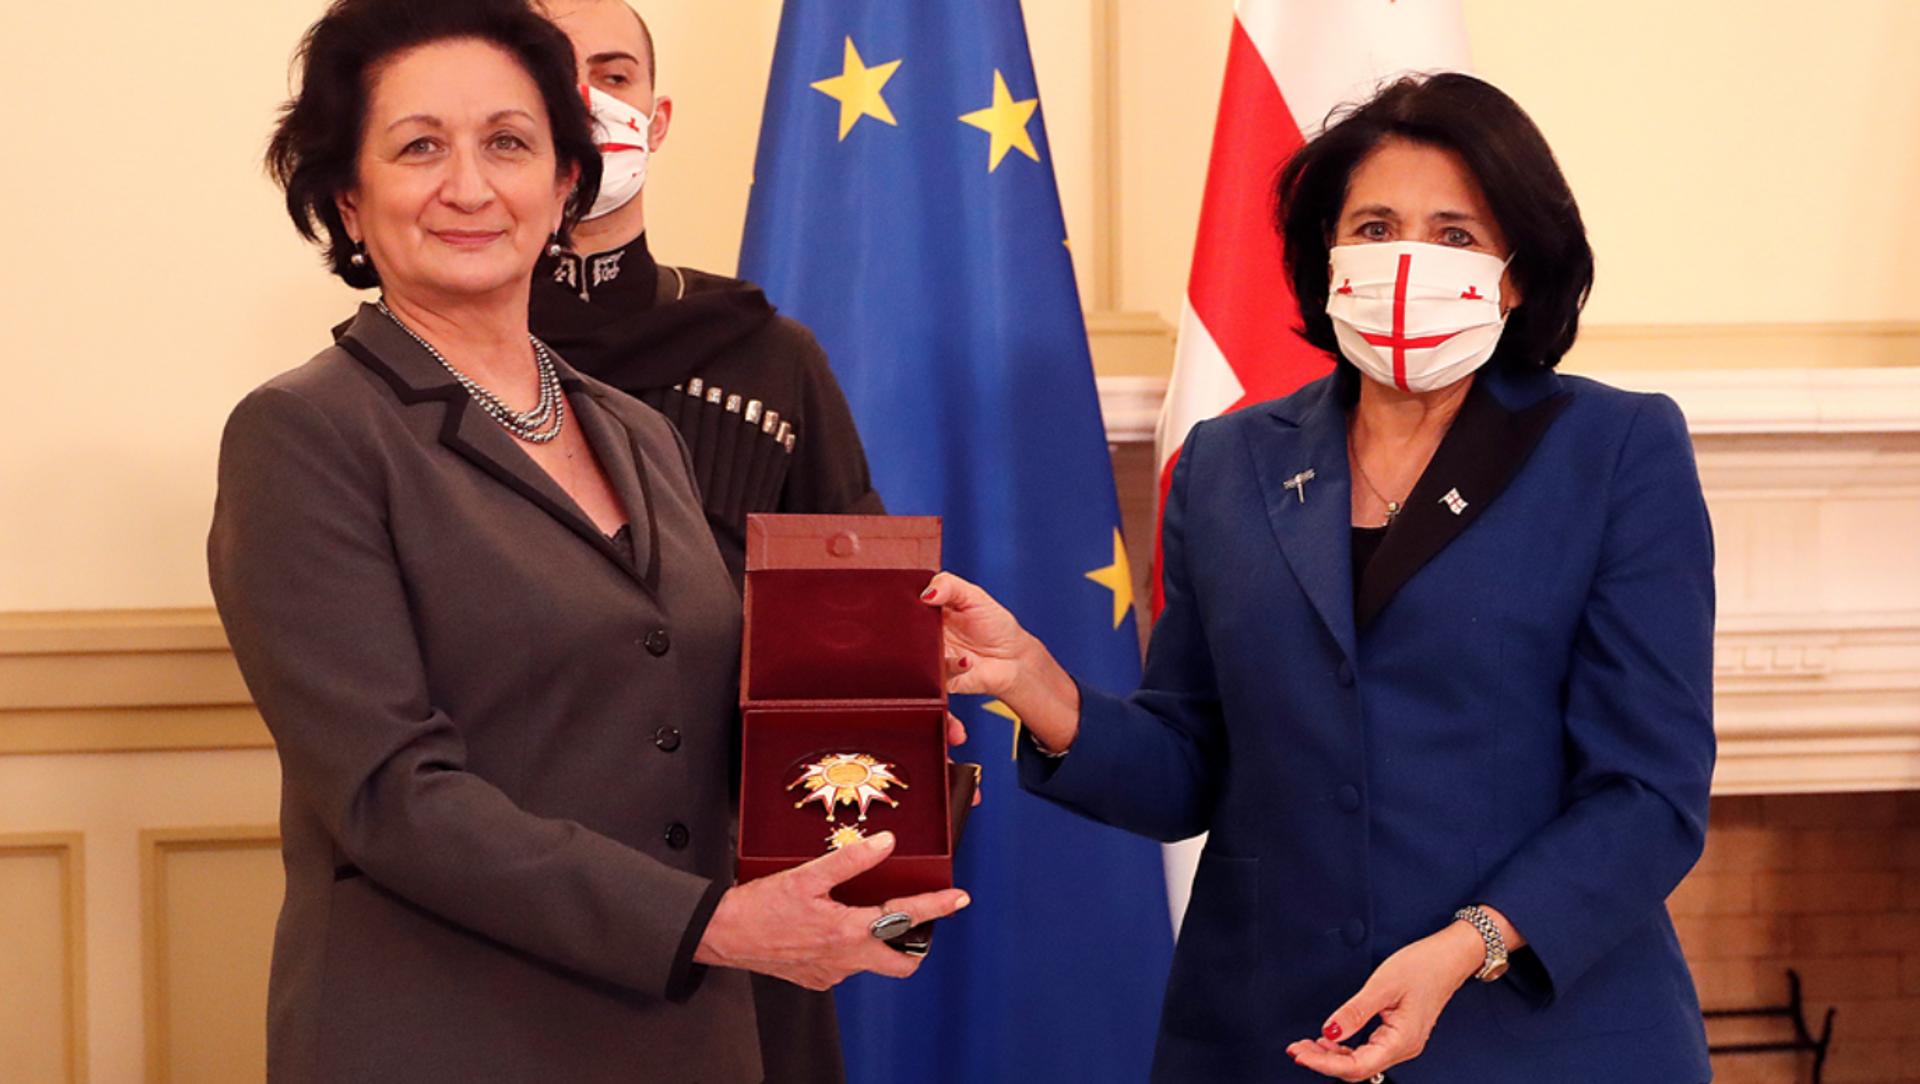 Президент Грузии посмертно наградила хореографа Георгия Алексидзе Президентским Орденом Сияния - Sputnik Грузия, 1920, 11.03.2021